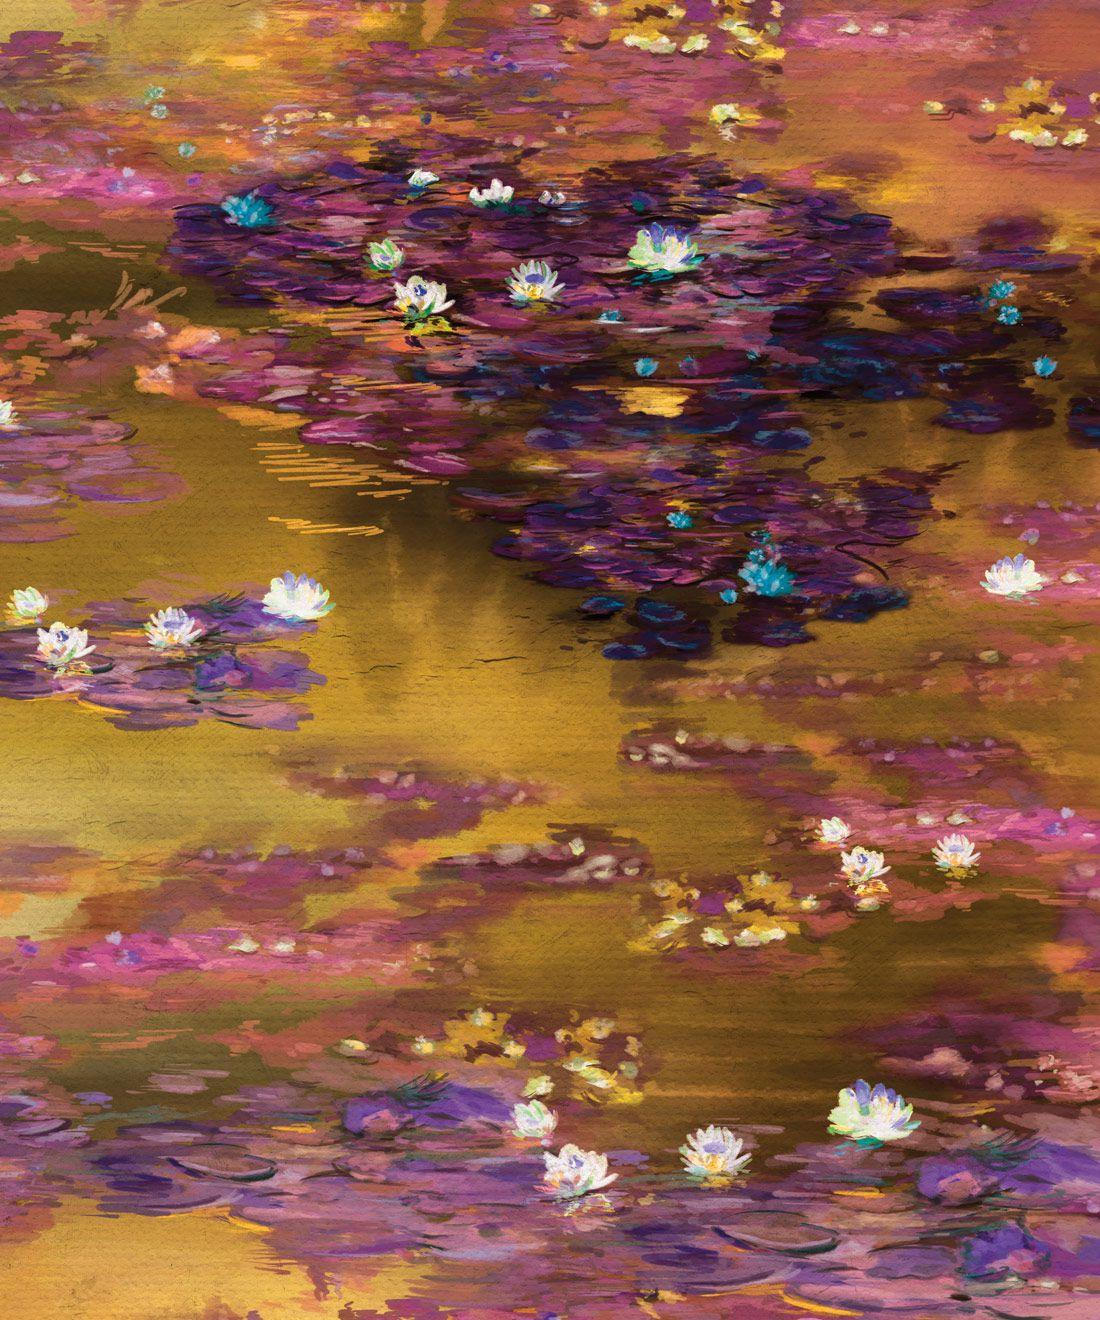 Water Lillies Wallpaper •Abstract Wallpaper • Dreamy Wallpaper • Luminere Wallpaper •Swatch